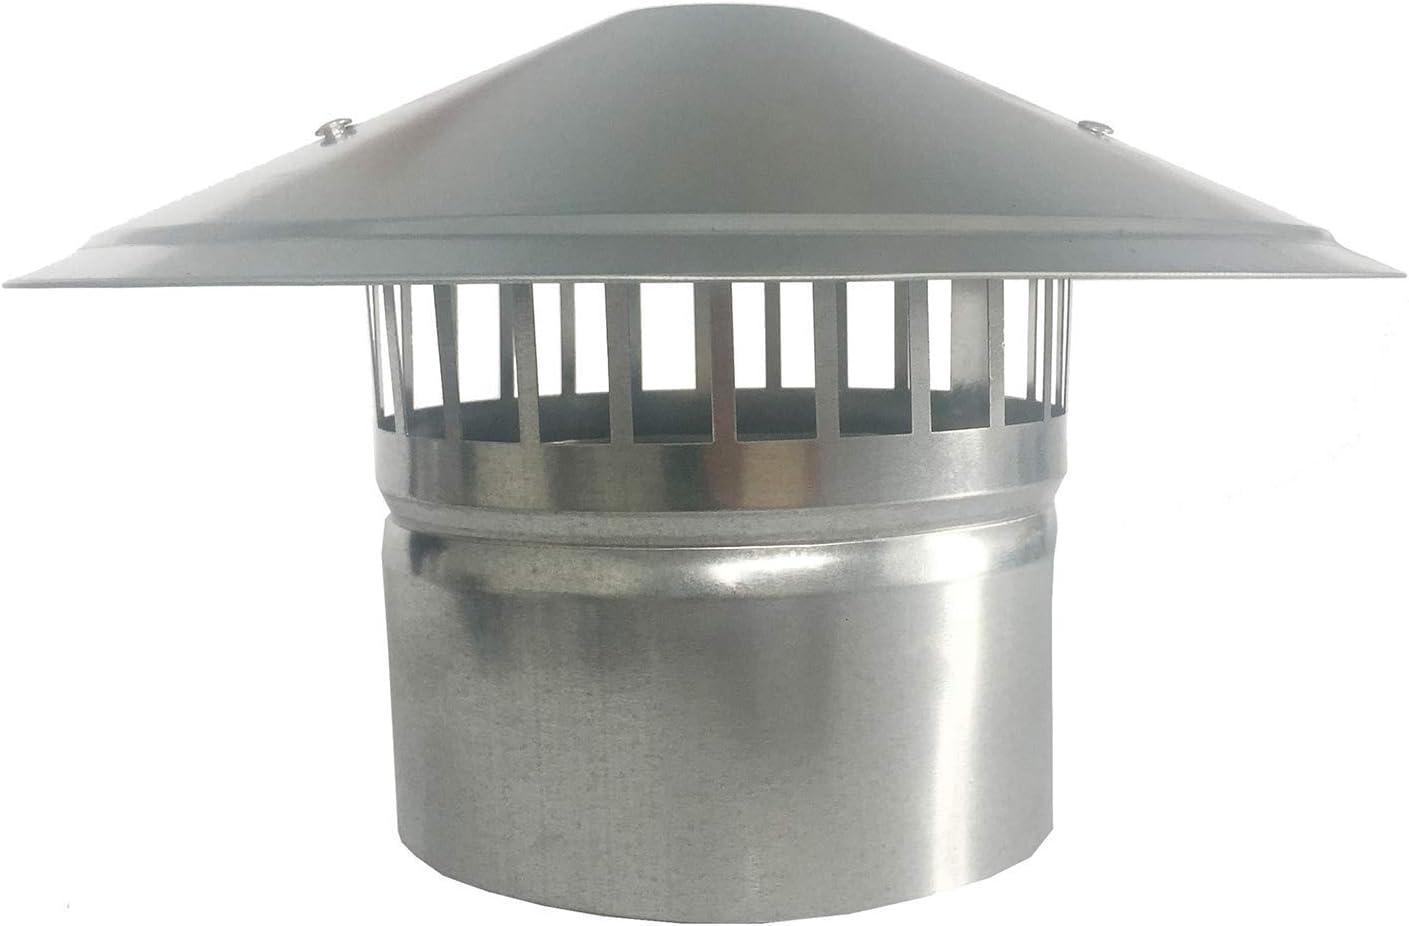 DZDZXQG Campana de Lluvia de 75-200 mm/Cubierta de Chimenea/Cubierta de Chimenea en Esquinas Redondeadas de Acero Inoxidable, 75 mm